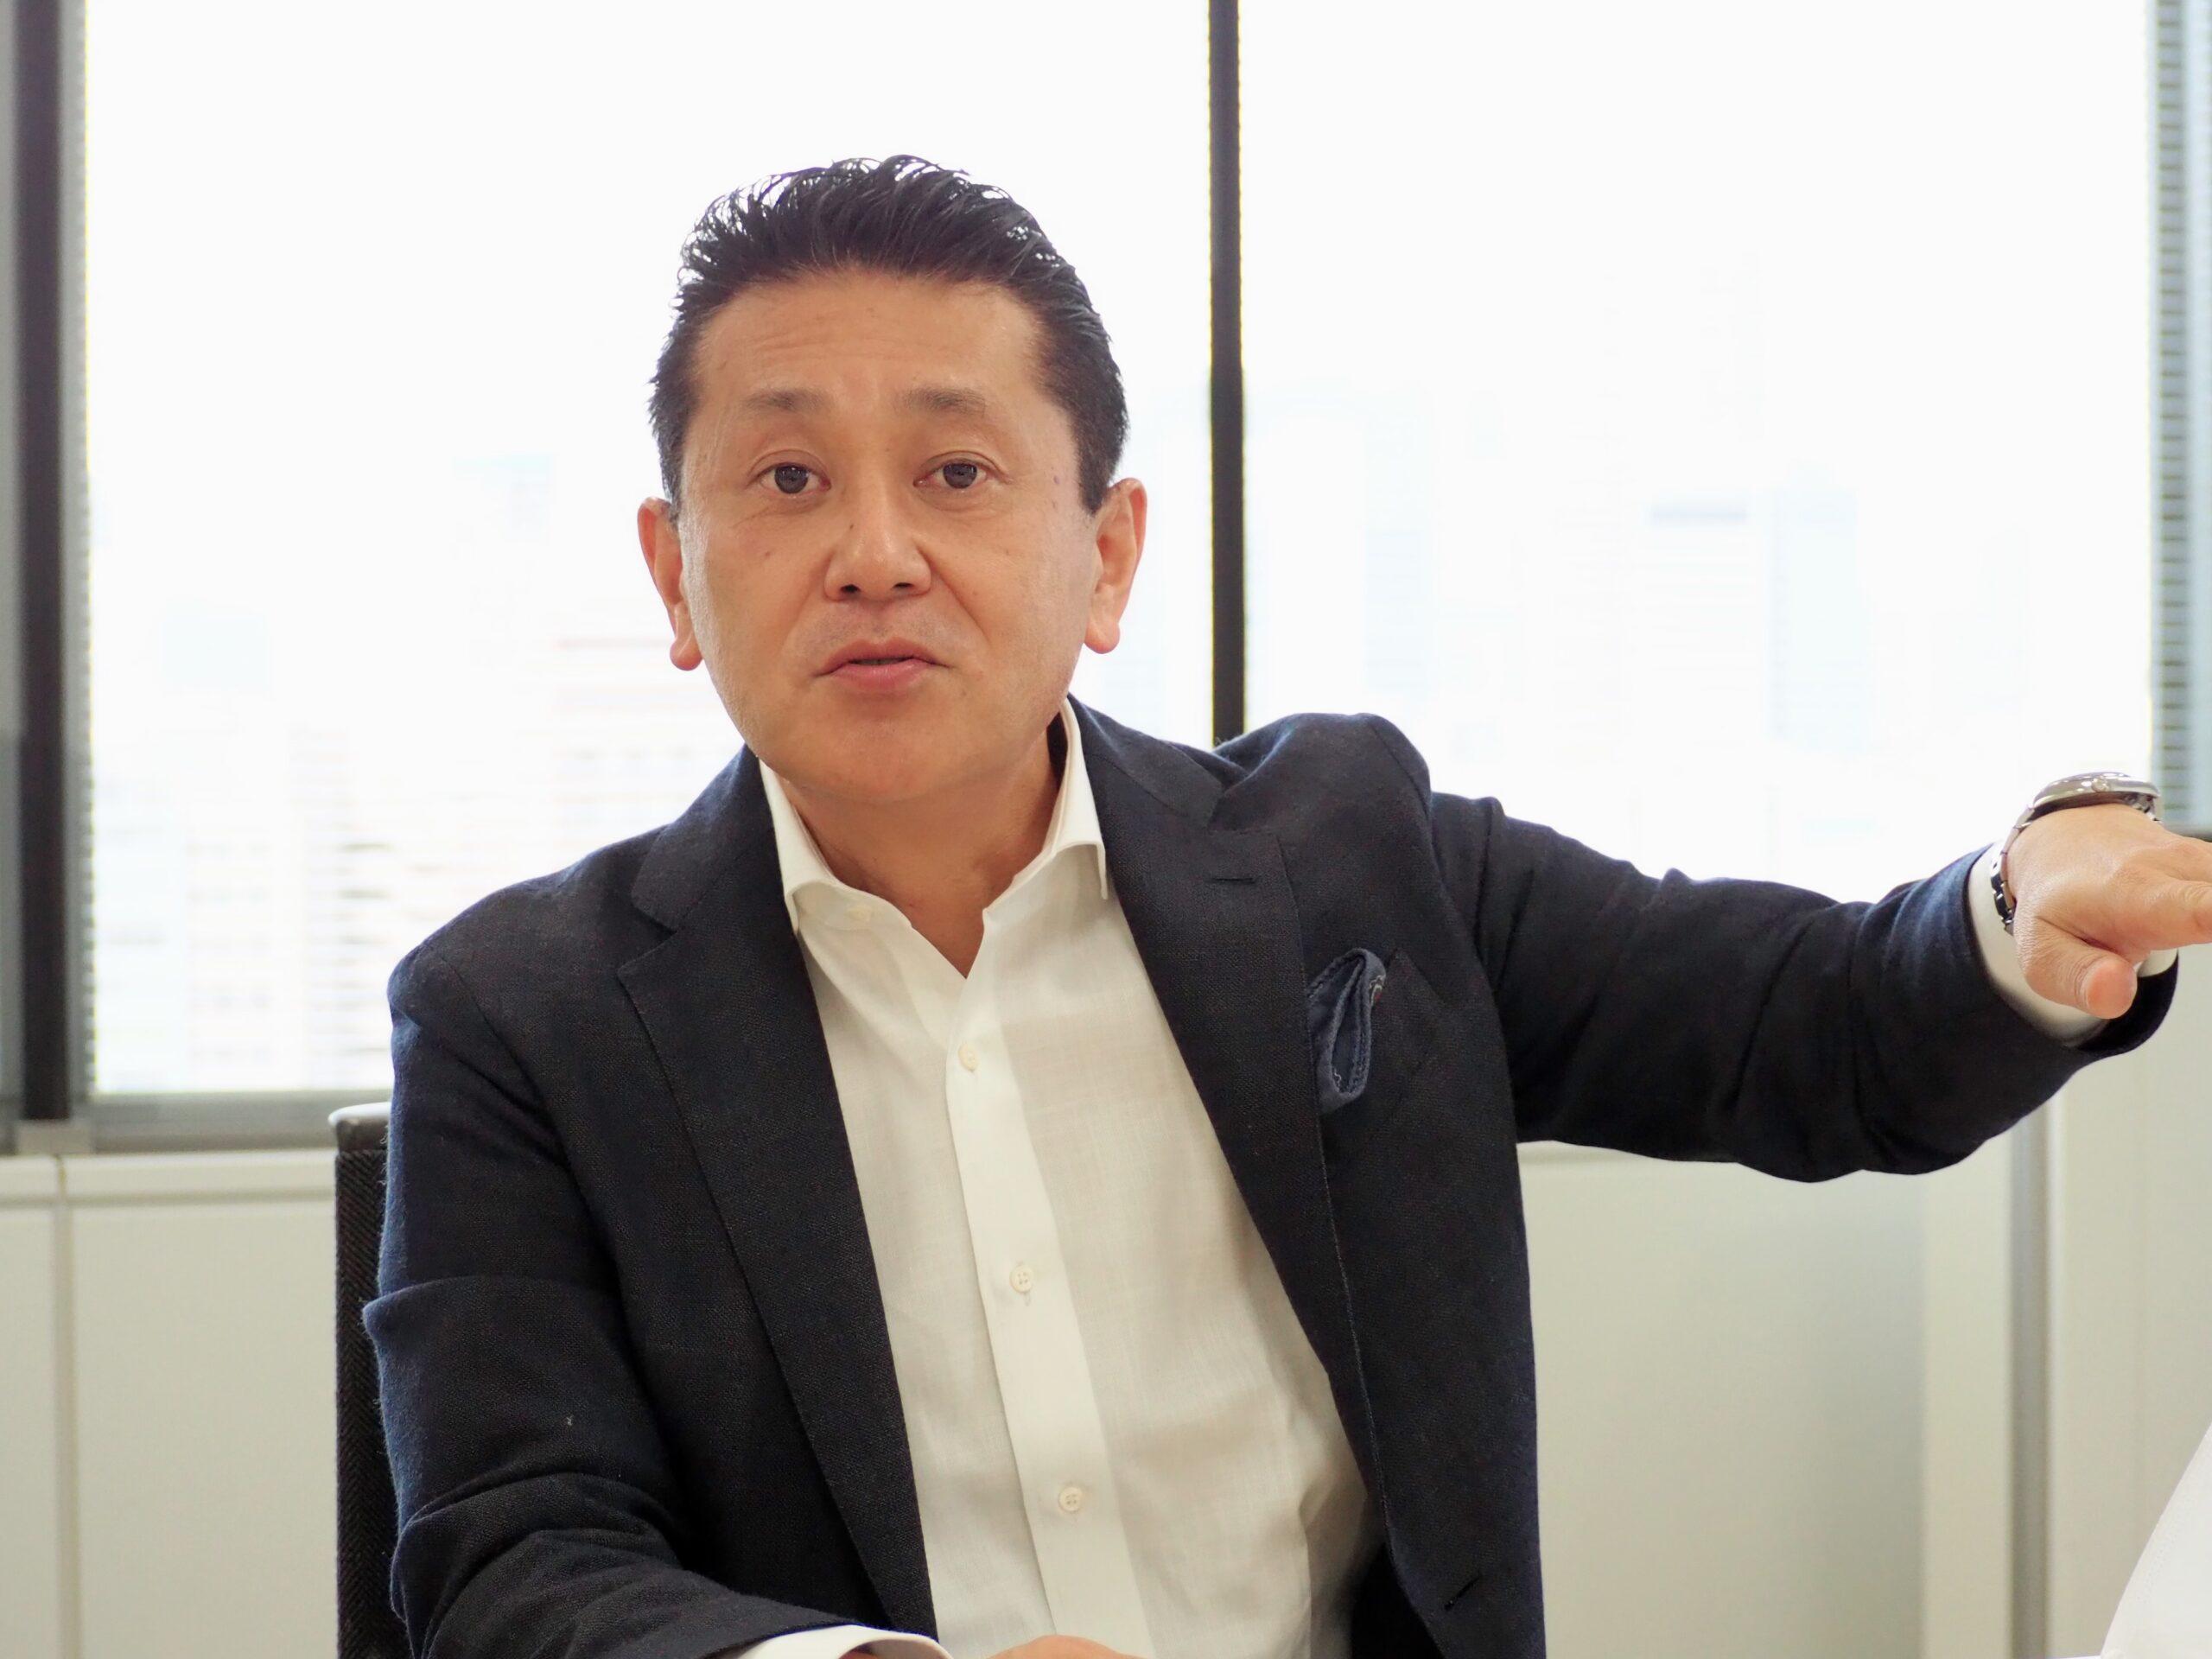 シリーズ;東京「人口減」をどうみるか⑦ 有効求人減で23区の需要減、オンライン内見はインサイドセールスとして有効ーハウスコム・田村穂社長